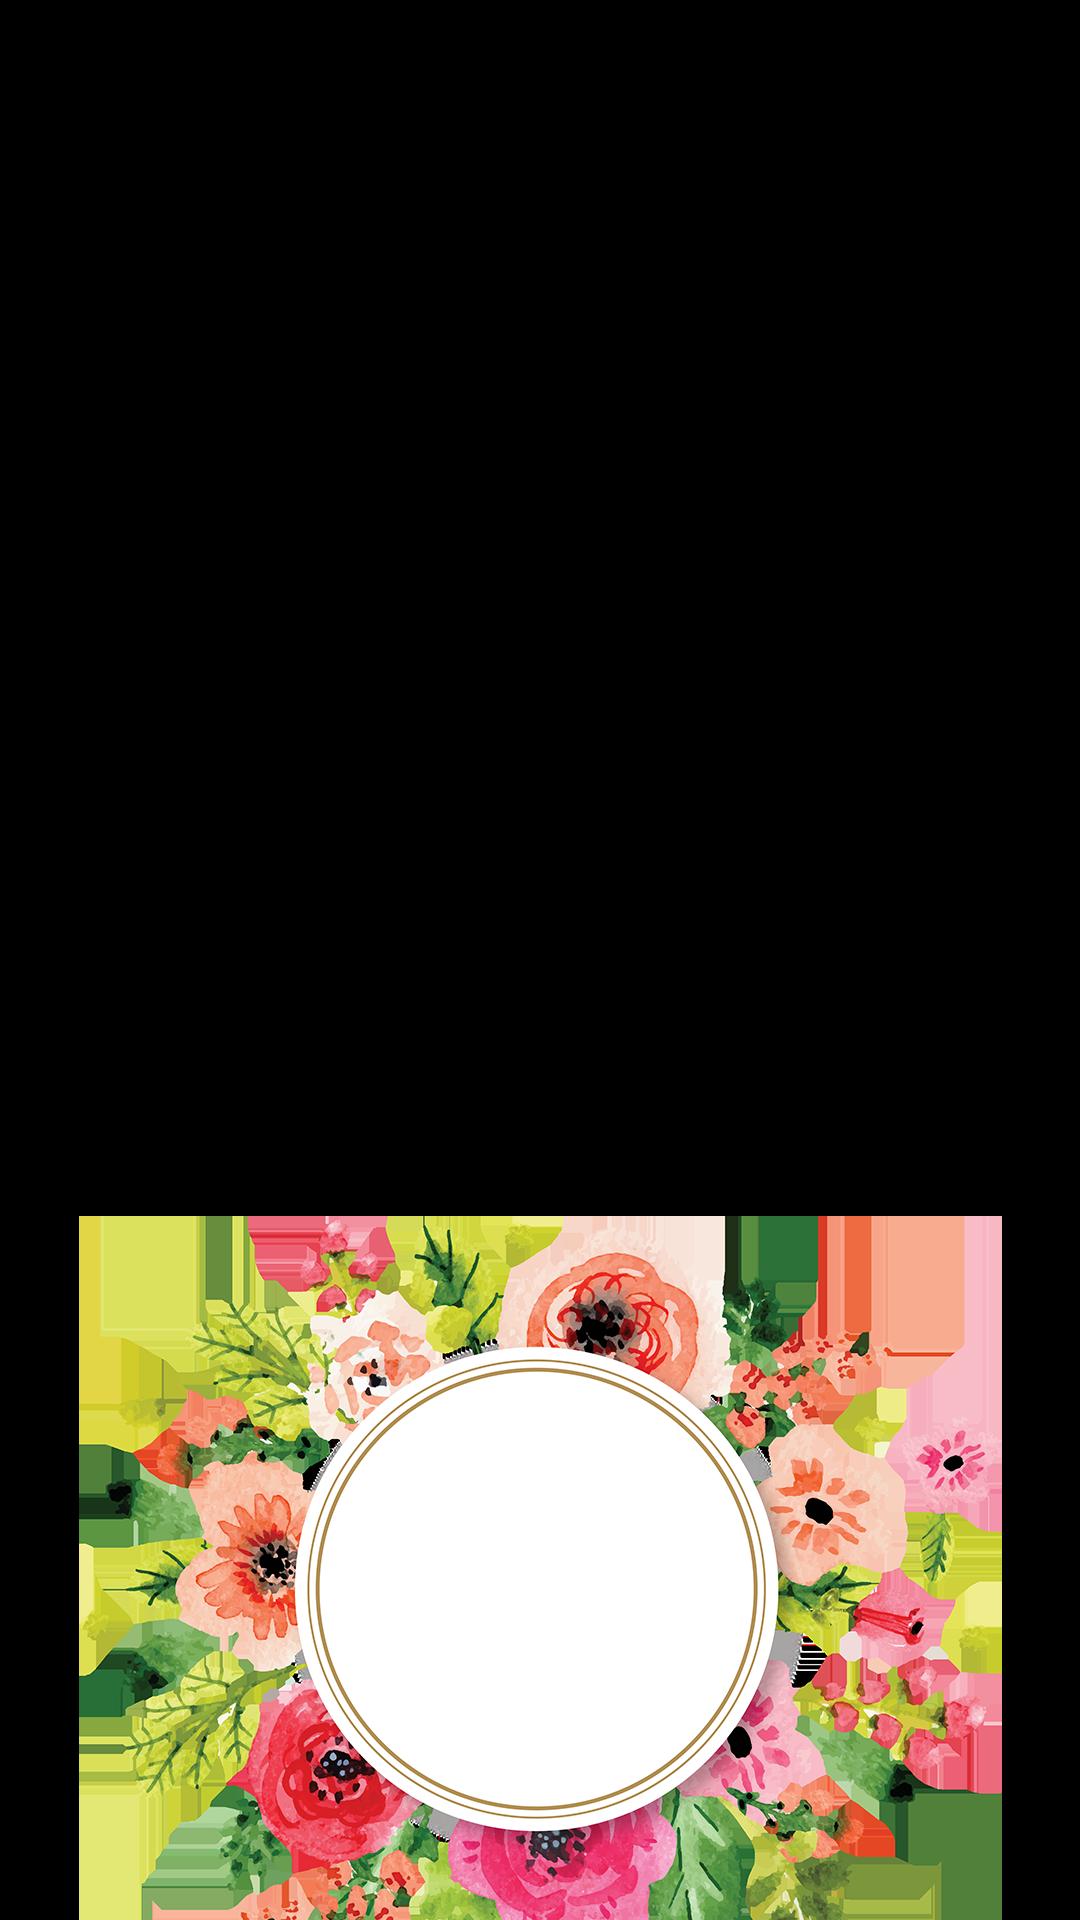 فلتر زواج ميش Freetoedit Collage Template Collage Background Watercolor Wallpaper Iphone